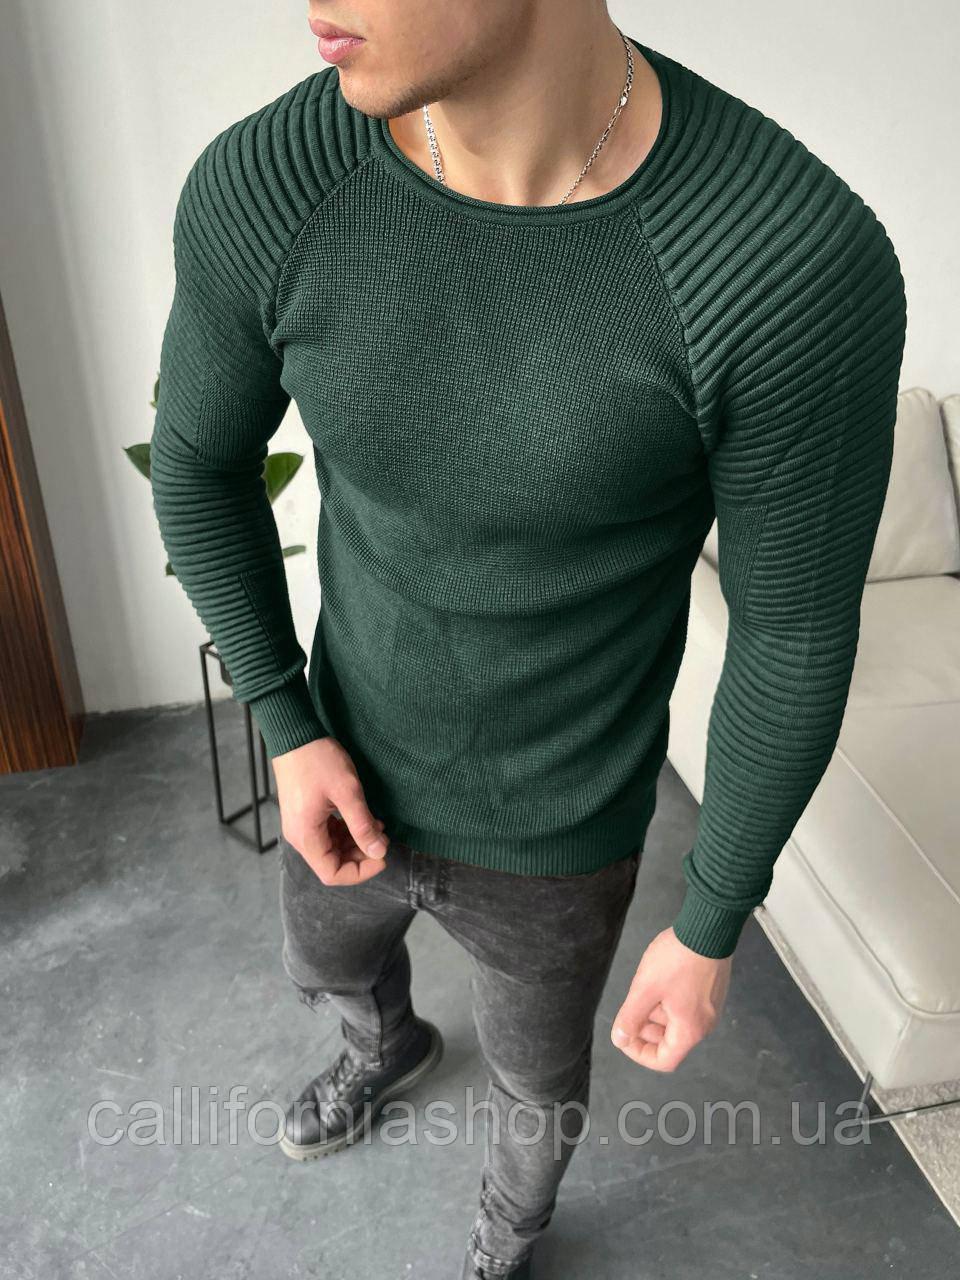 Свитер мужской стильный зеленого цвета Турция